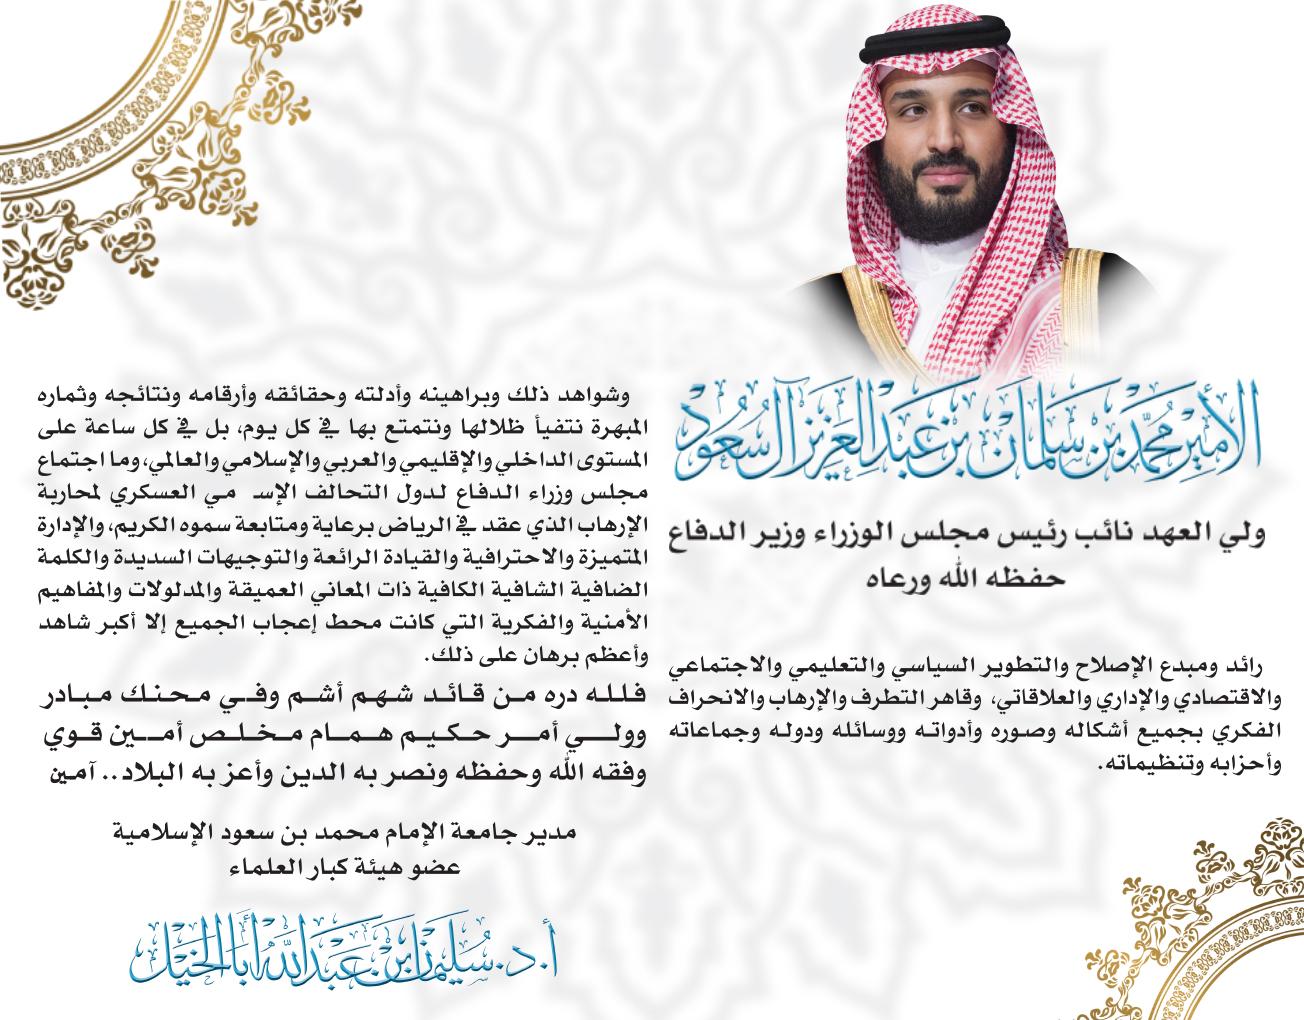 ولي العهد صاحب السمو الملكي الأمير محمد بن سلمان بن عبدالعزيز آل سعود